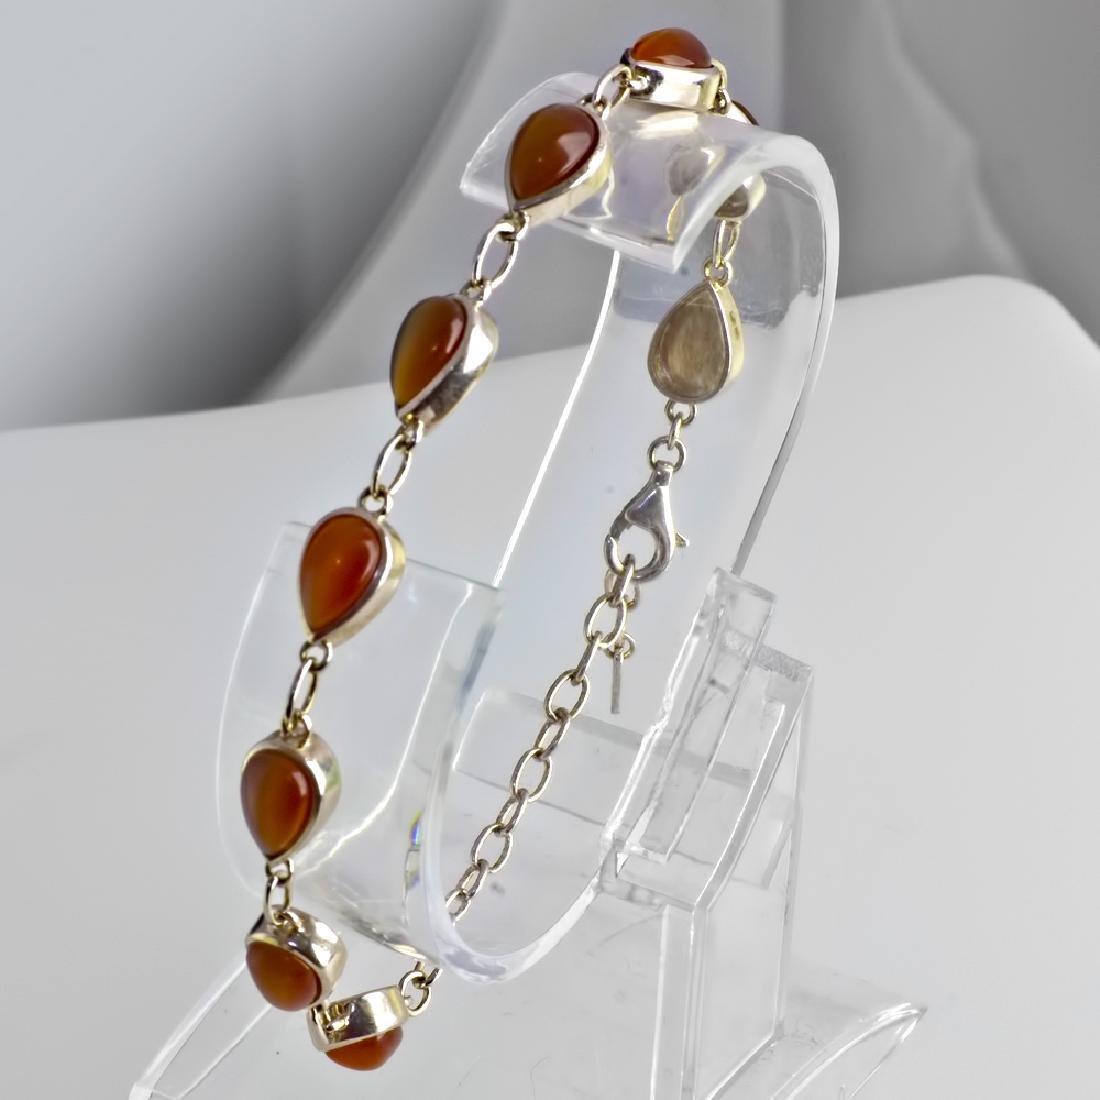 Vintage 925 Silver Bracelet with Tiger Eye - 4